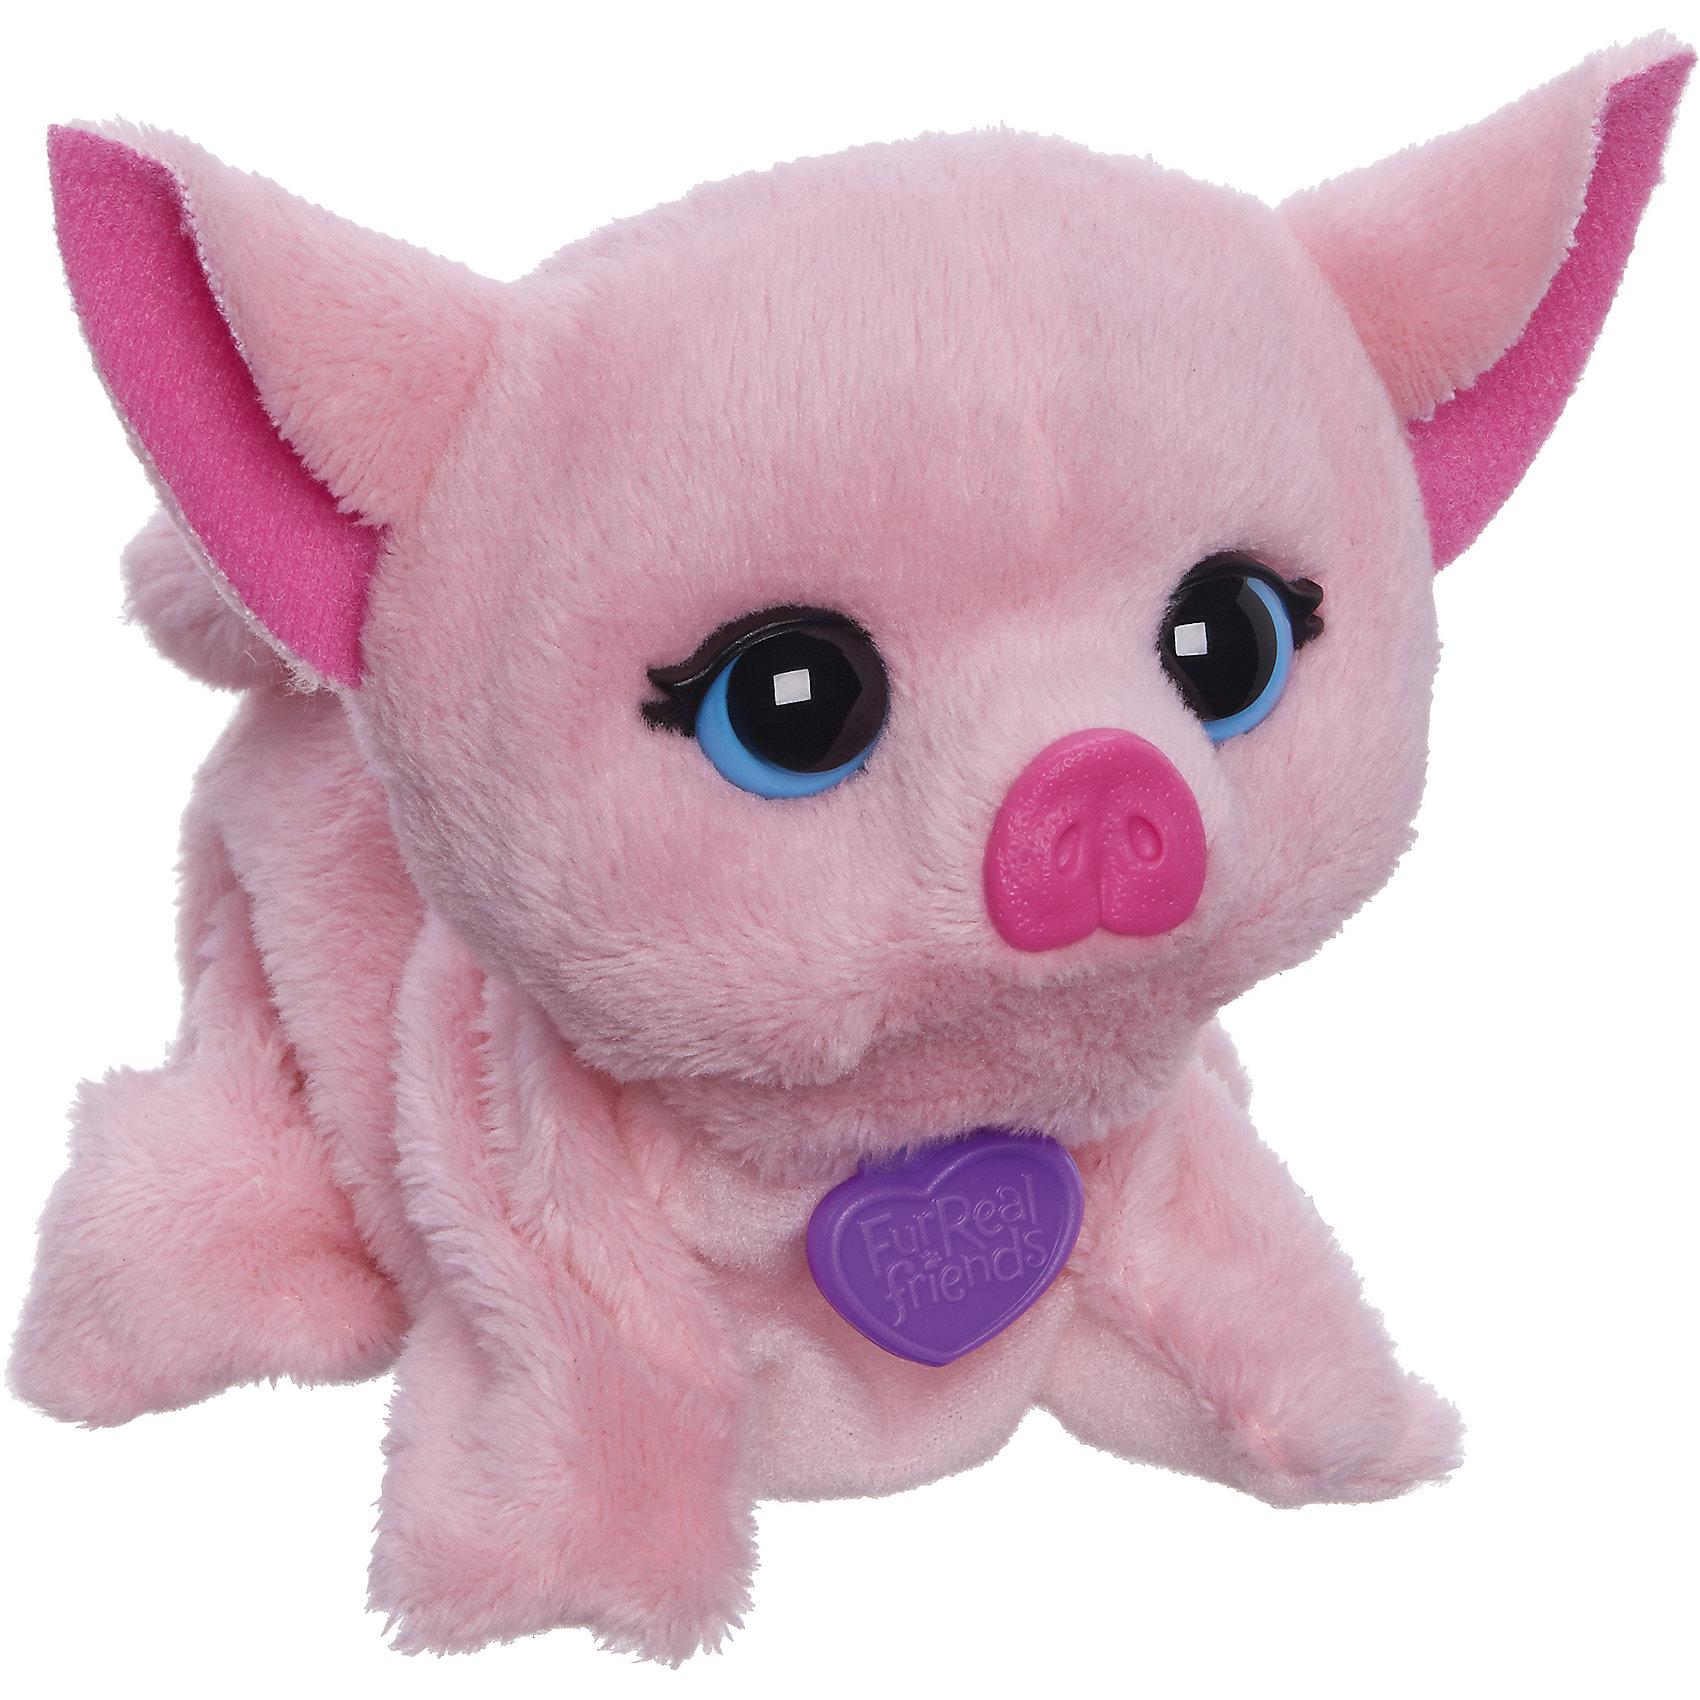 Поющие зверята, FurReal Friends, Hasbro, В2769/B0698Очаровательный плюшевый поросенок с большими выразительными глазами обязательно понравится ребенку! Шерстка розового хрюшки - мягкая и приятная на ощупь. Милый зверек может поворачивать голову, издавать звуки, а также петь веселую песенку. Если познакомить двух зверьков (поставить рядом) они споют песенку вместе. Игрушка выполнена из высококачественных экологичных материалов абсолютно безопасных для детей. <br><br>Дополнительная информация:<br><br>- Материал: плюш, текстиль, пластик.<br>- Размер:<br>- Размер упаковки: 11х 10 х 13 см.<br>- Звуковые эффекты: поет, издает звуки. <br>- Поворачивает голову.<br>- Элемент питания: 2 батарейки, LR44/A76 1.5V (в комплекте).<br><br>Игрушку Поющие зверята, FurReal Friends, Hasbro (Хасбро), можно купить в нашем магазине.<br><br>Ширина мм: 104<br>Глубина мм: 125<br>Высота мм: 113<br>Вес г: 171<br>Возраст от месяцев: 48<br>Возраст до месяцев: 120<br>Пол: Женский<br>Возраст: Детский<br>SKU: 4563917